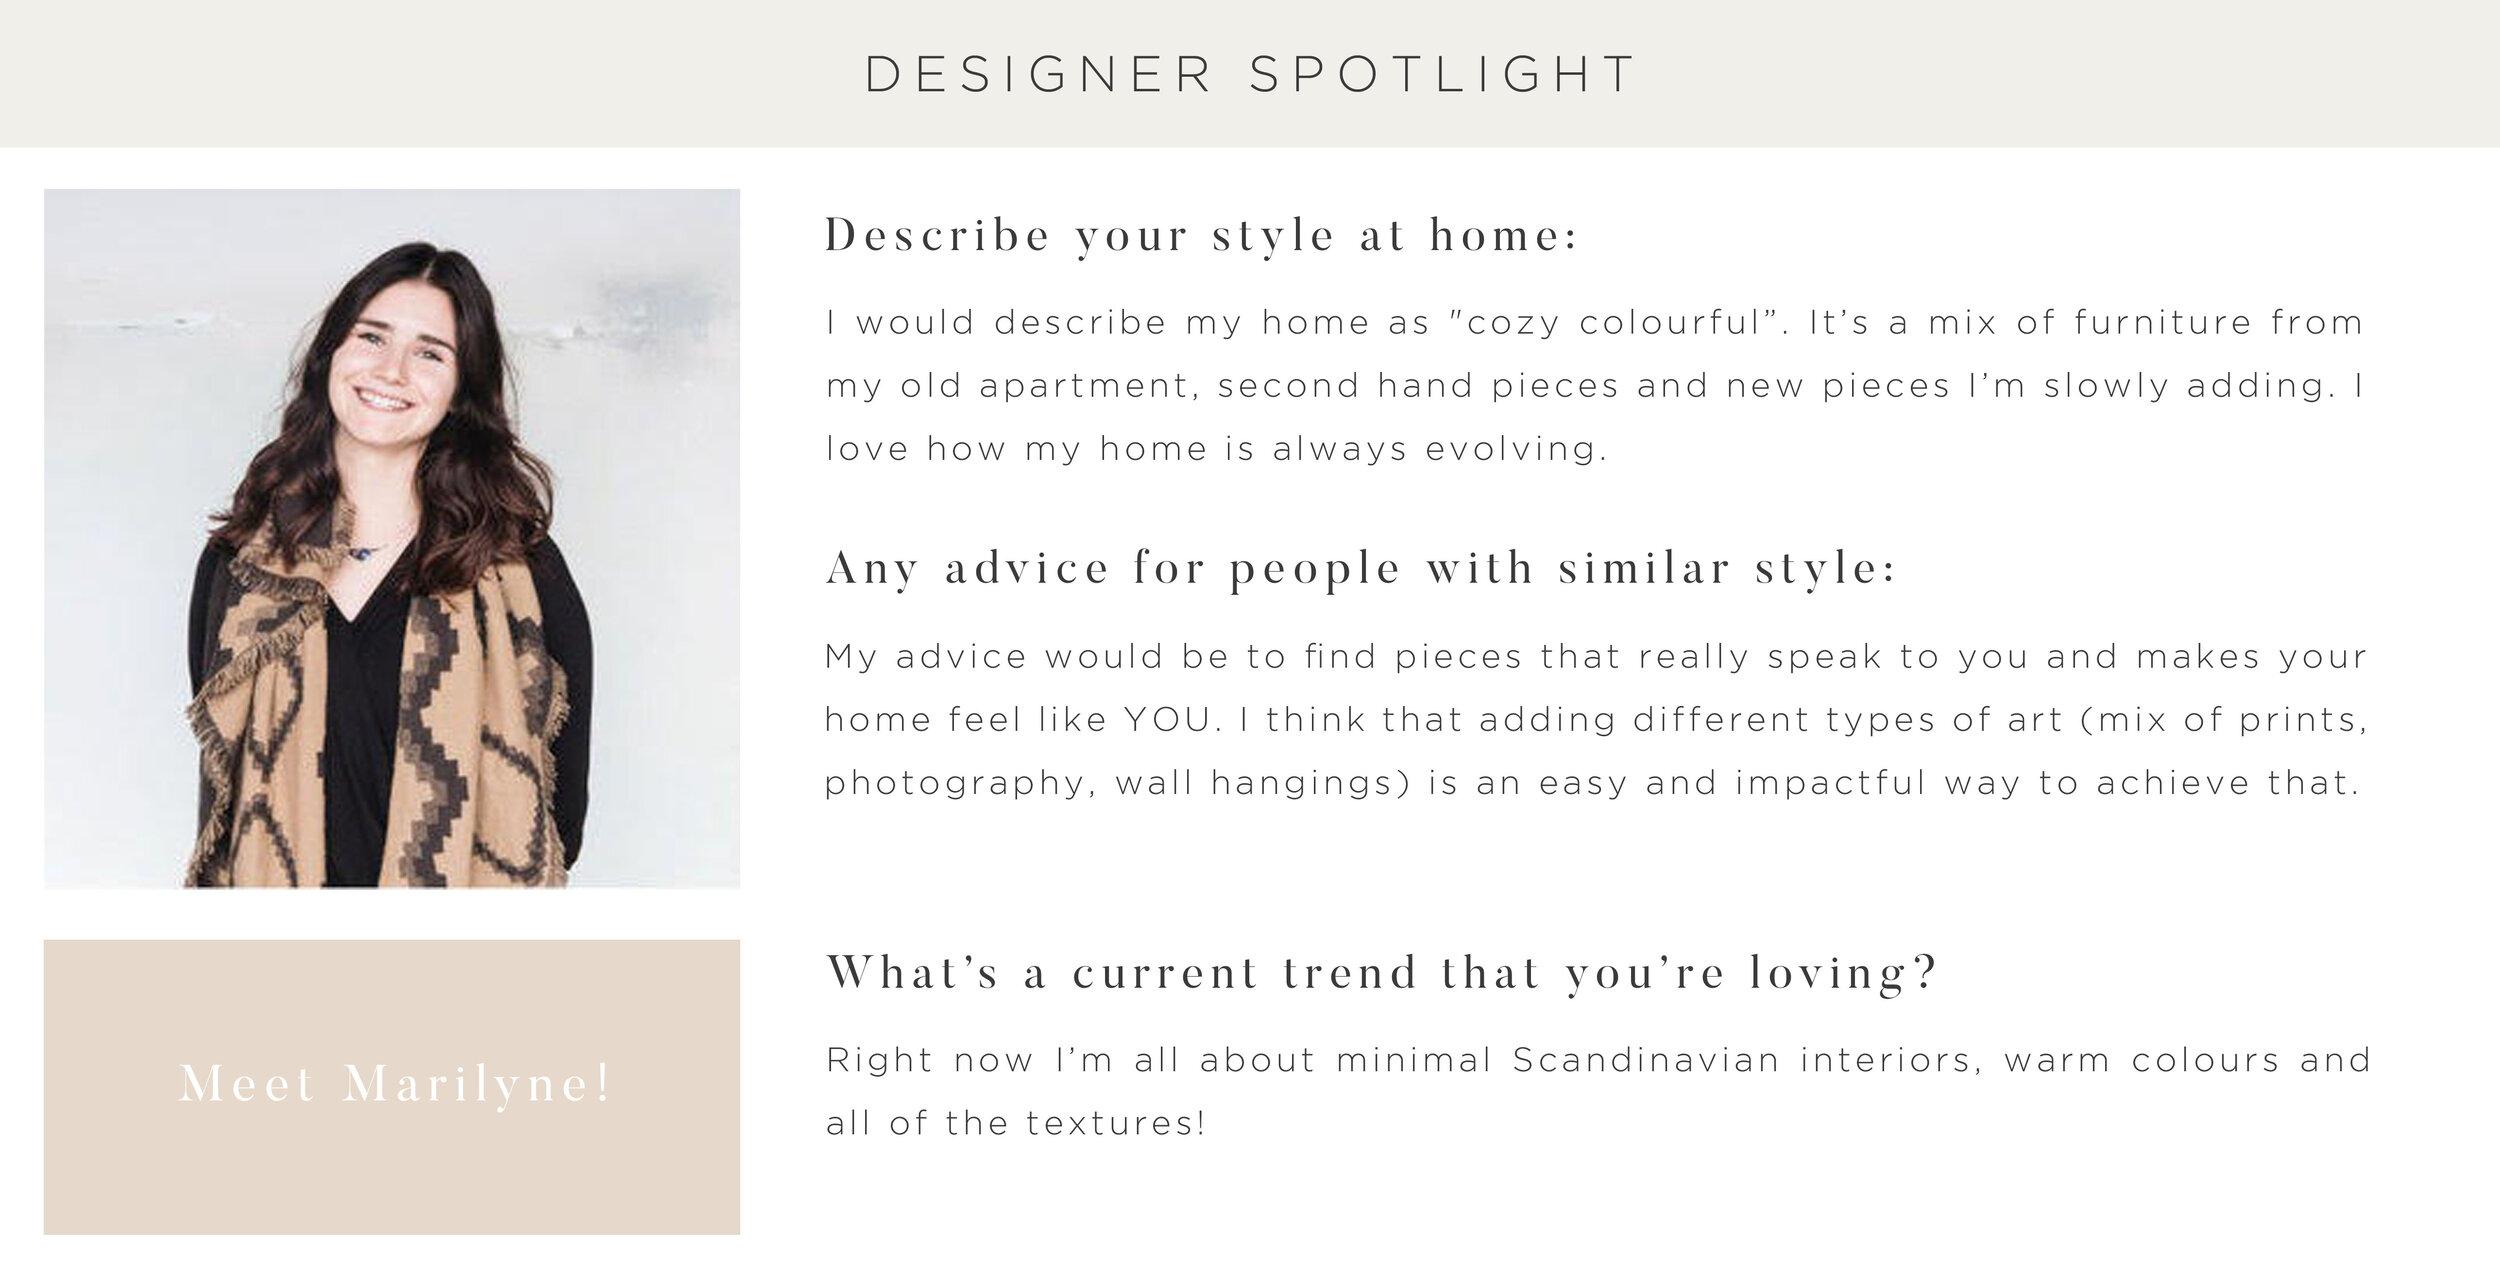 Meet the Designer - marilyne.jpg